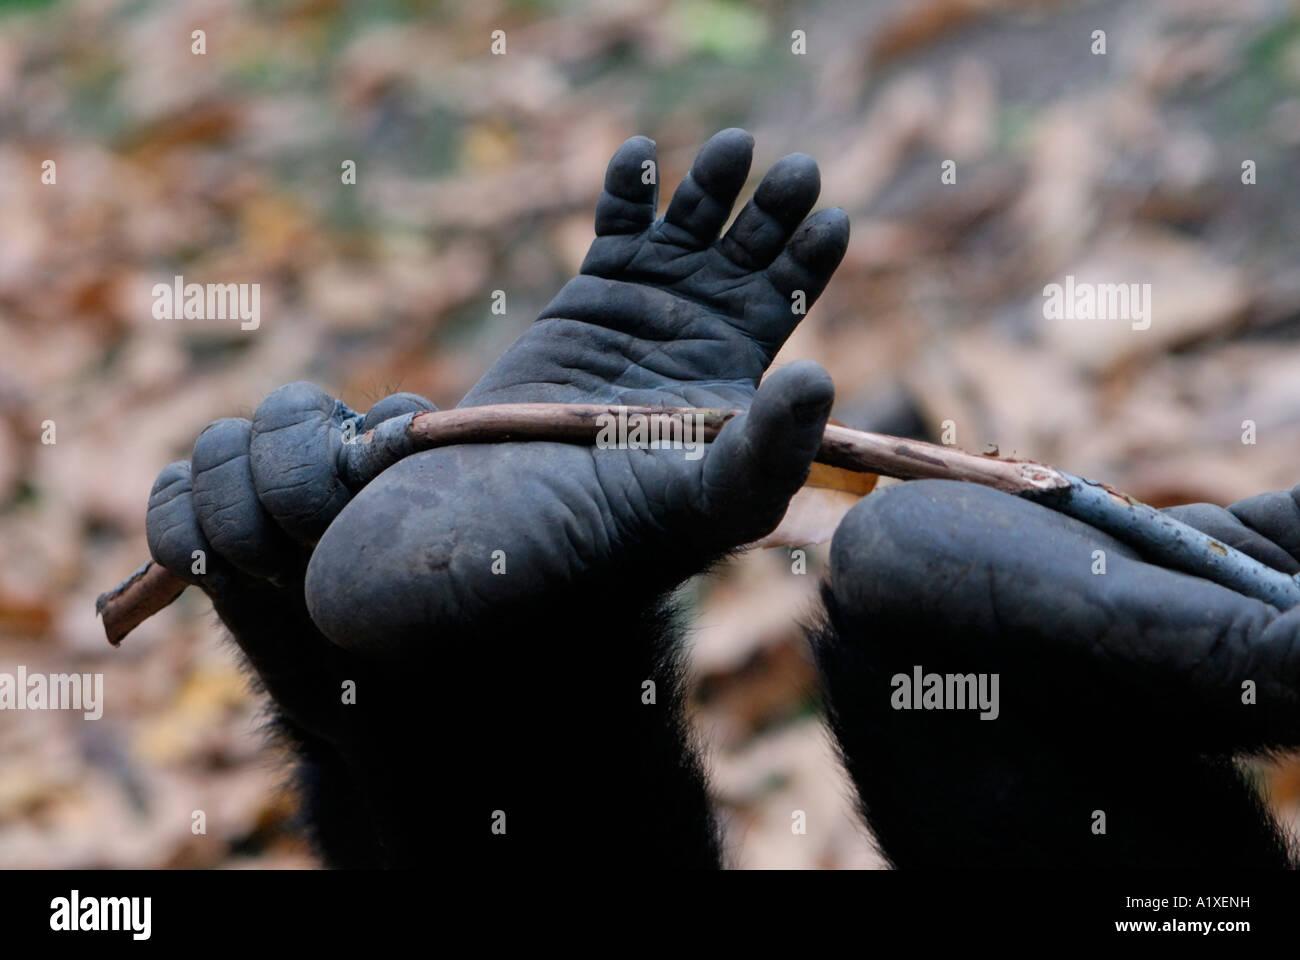 Junge Gorilla Fuß spielen mit stick Stockfoto